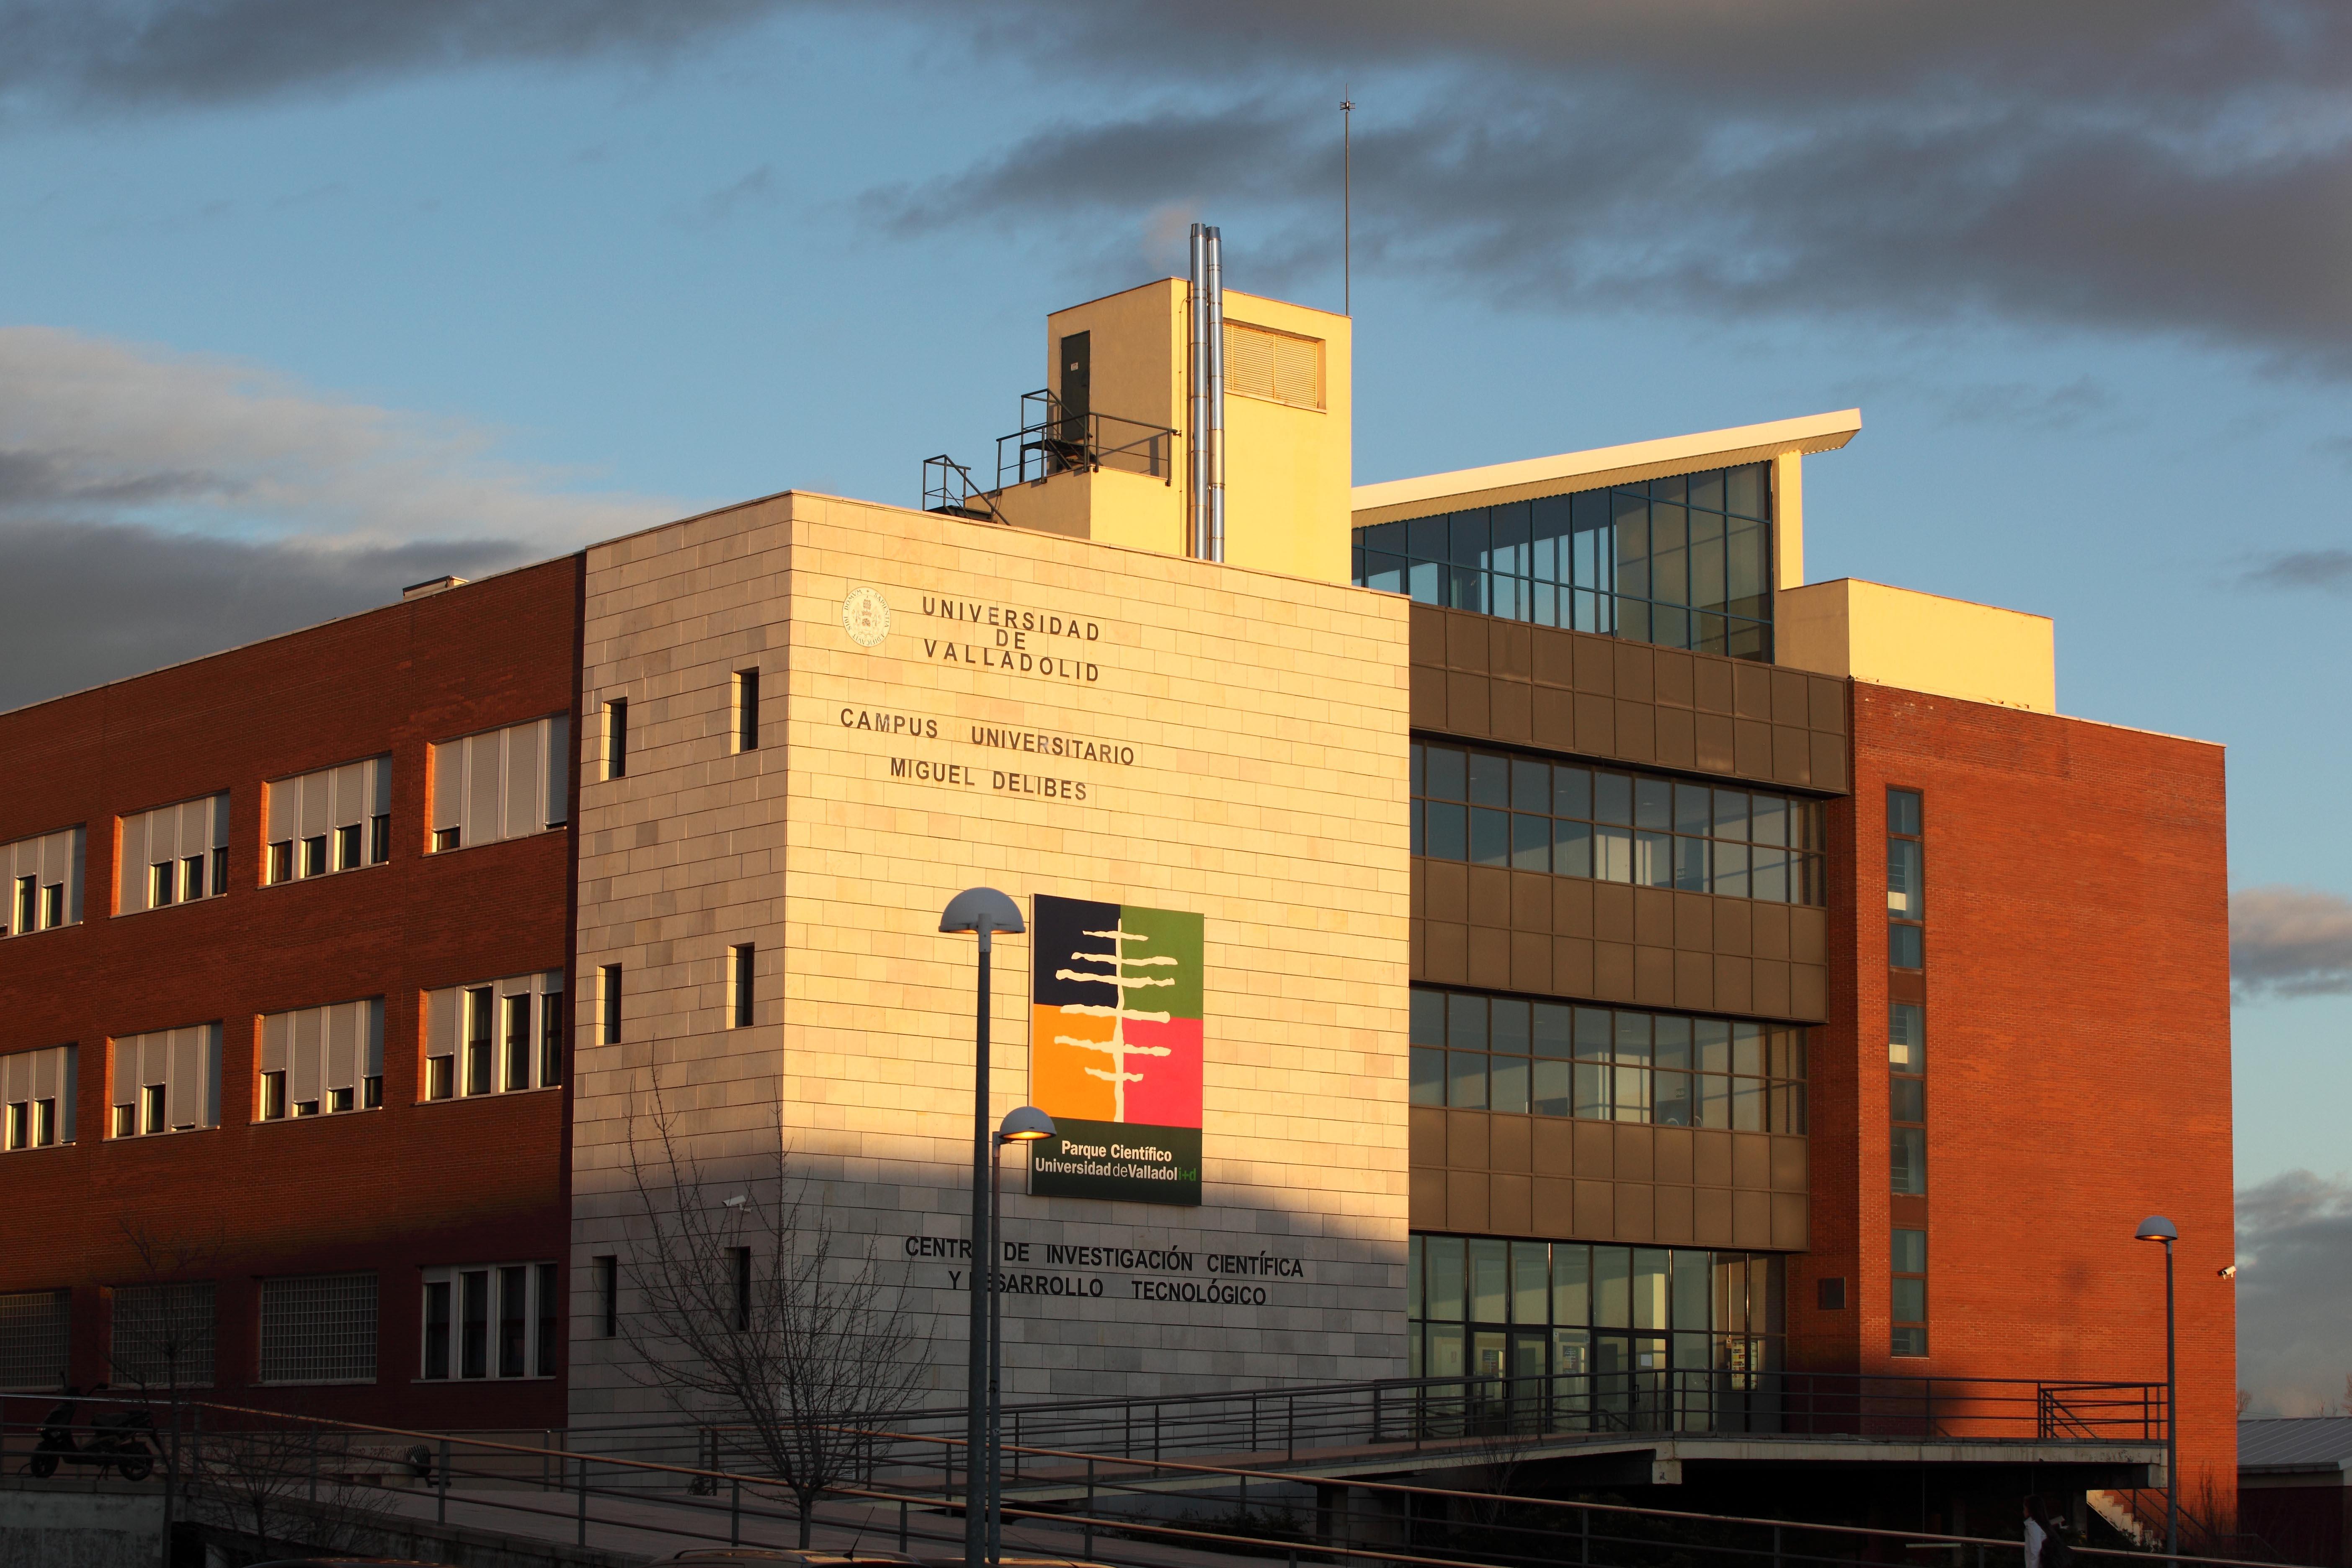 Banco Santander ha aportado más de 20 millones en mecenazgo a la UVA, dos de ellos para el Parque Científico